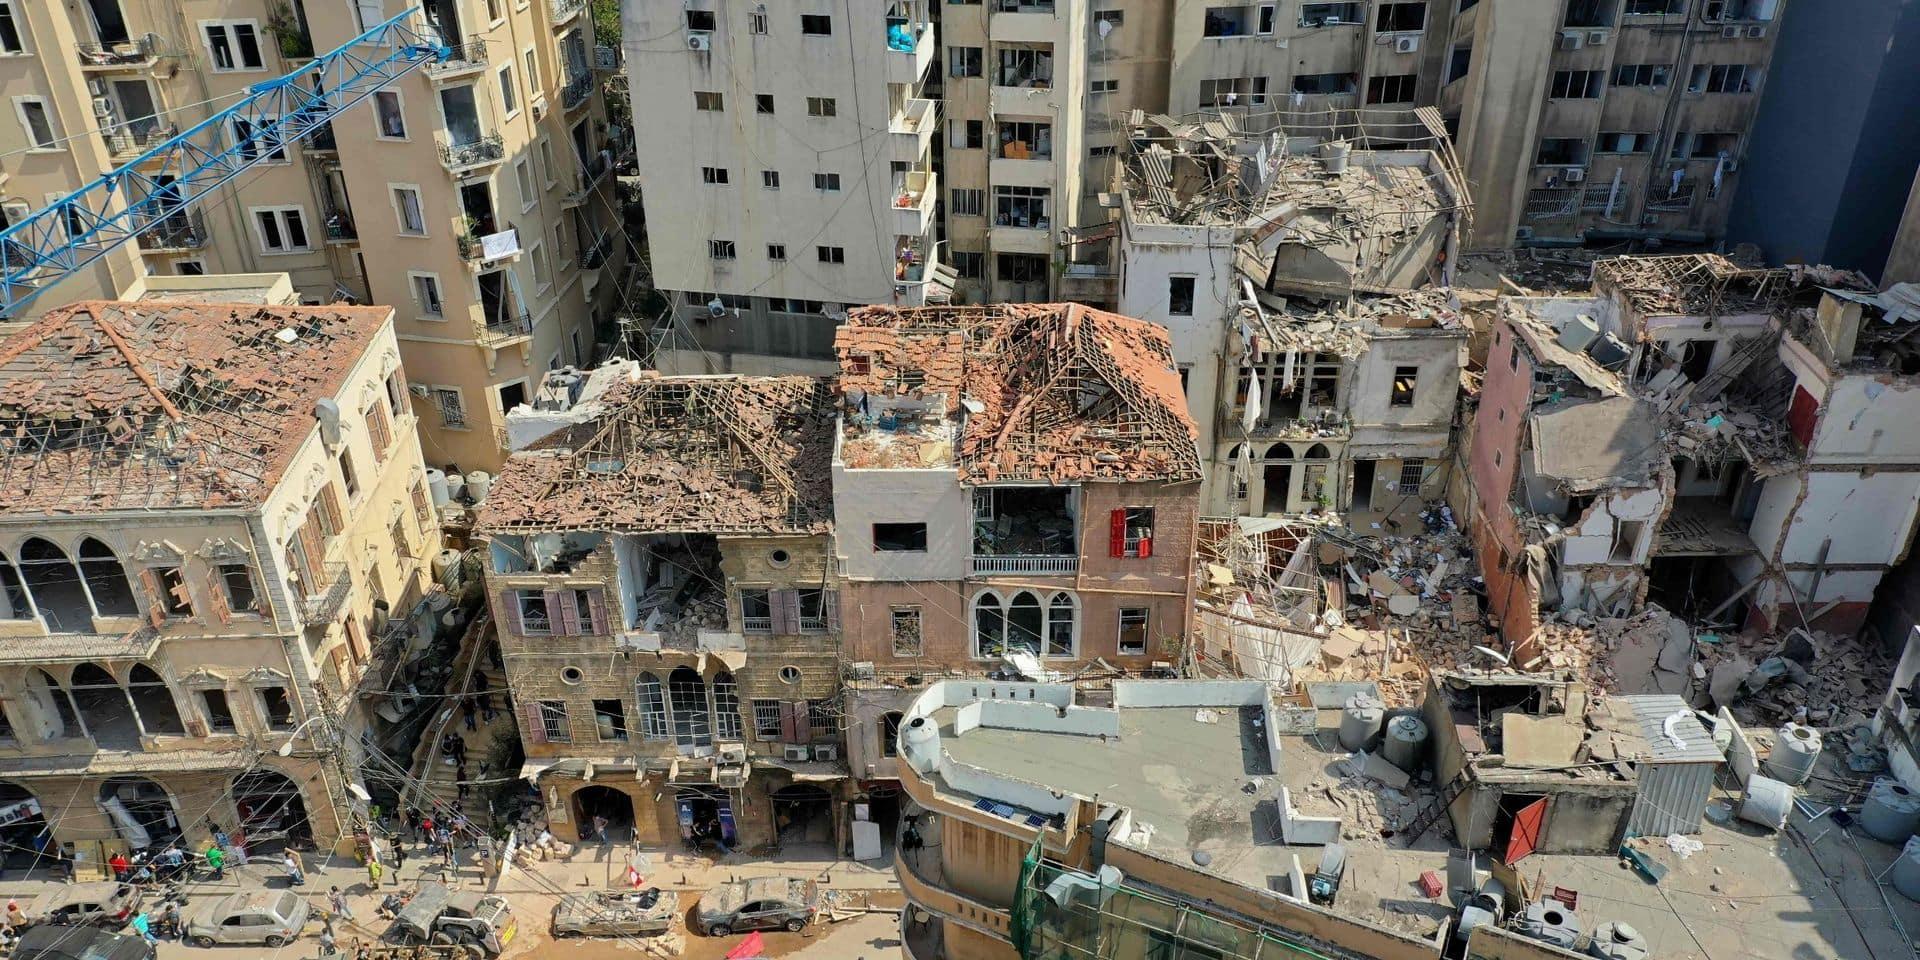 La communauté internationale en visioconférence pour organiser l'aide à apporter au Liban après les explosions de Beyrouth